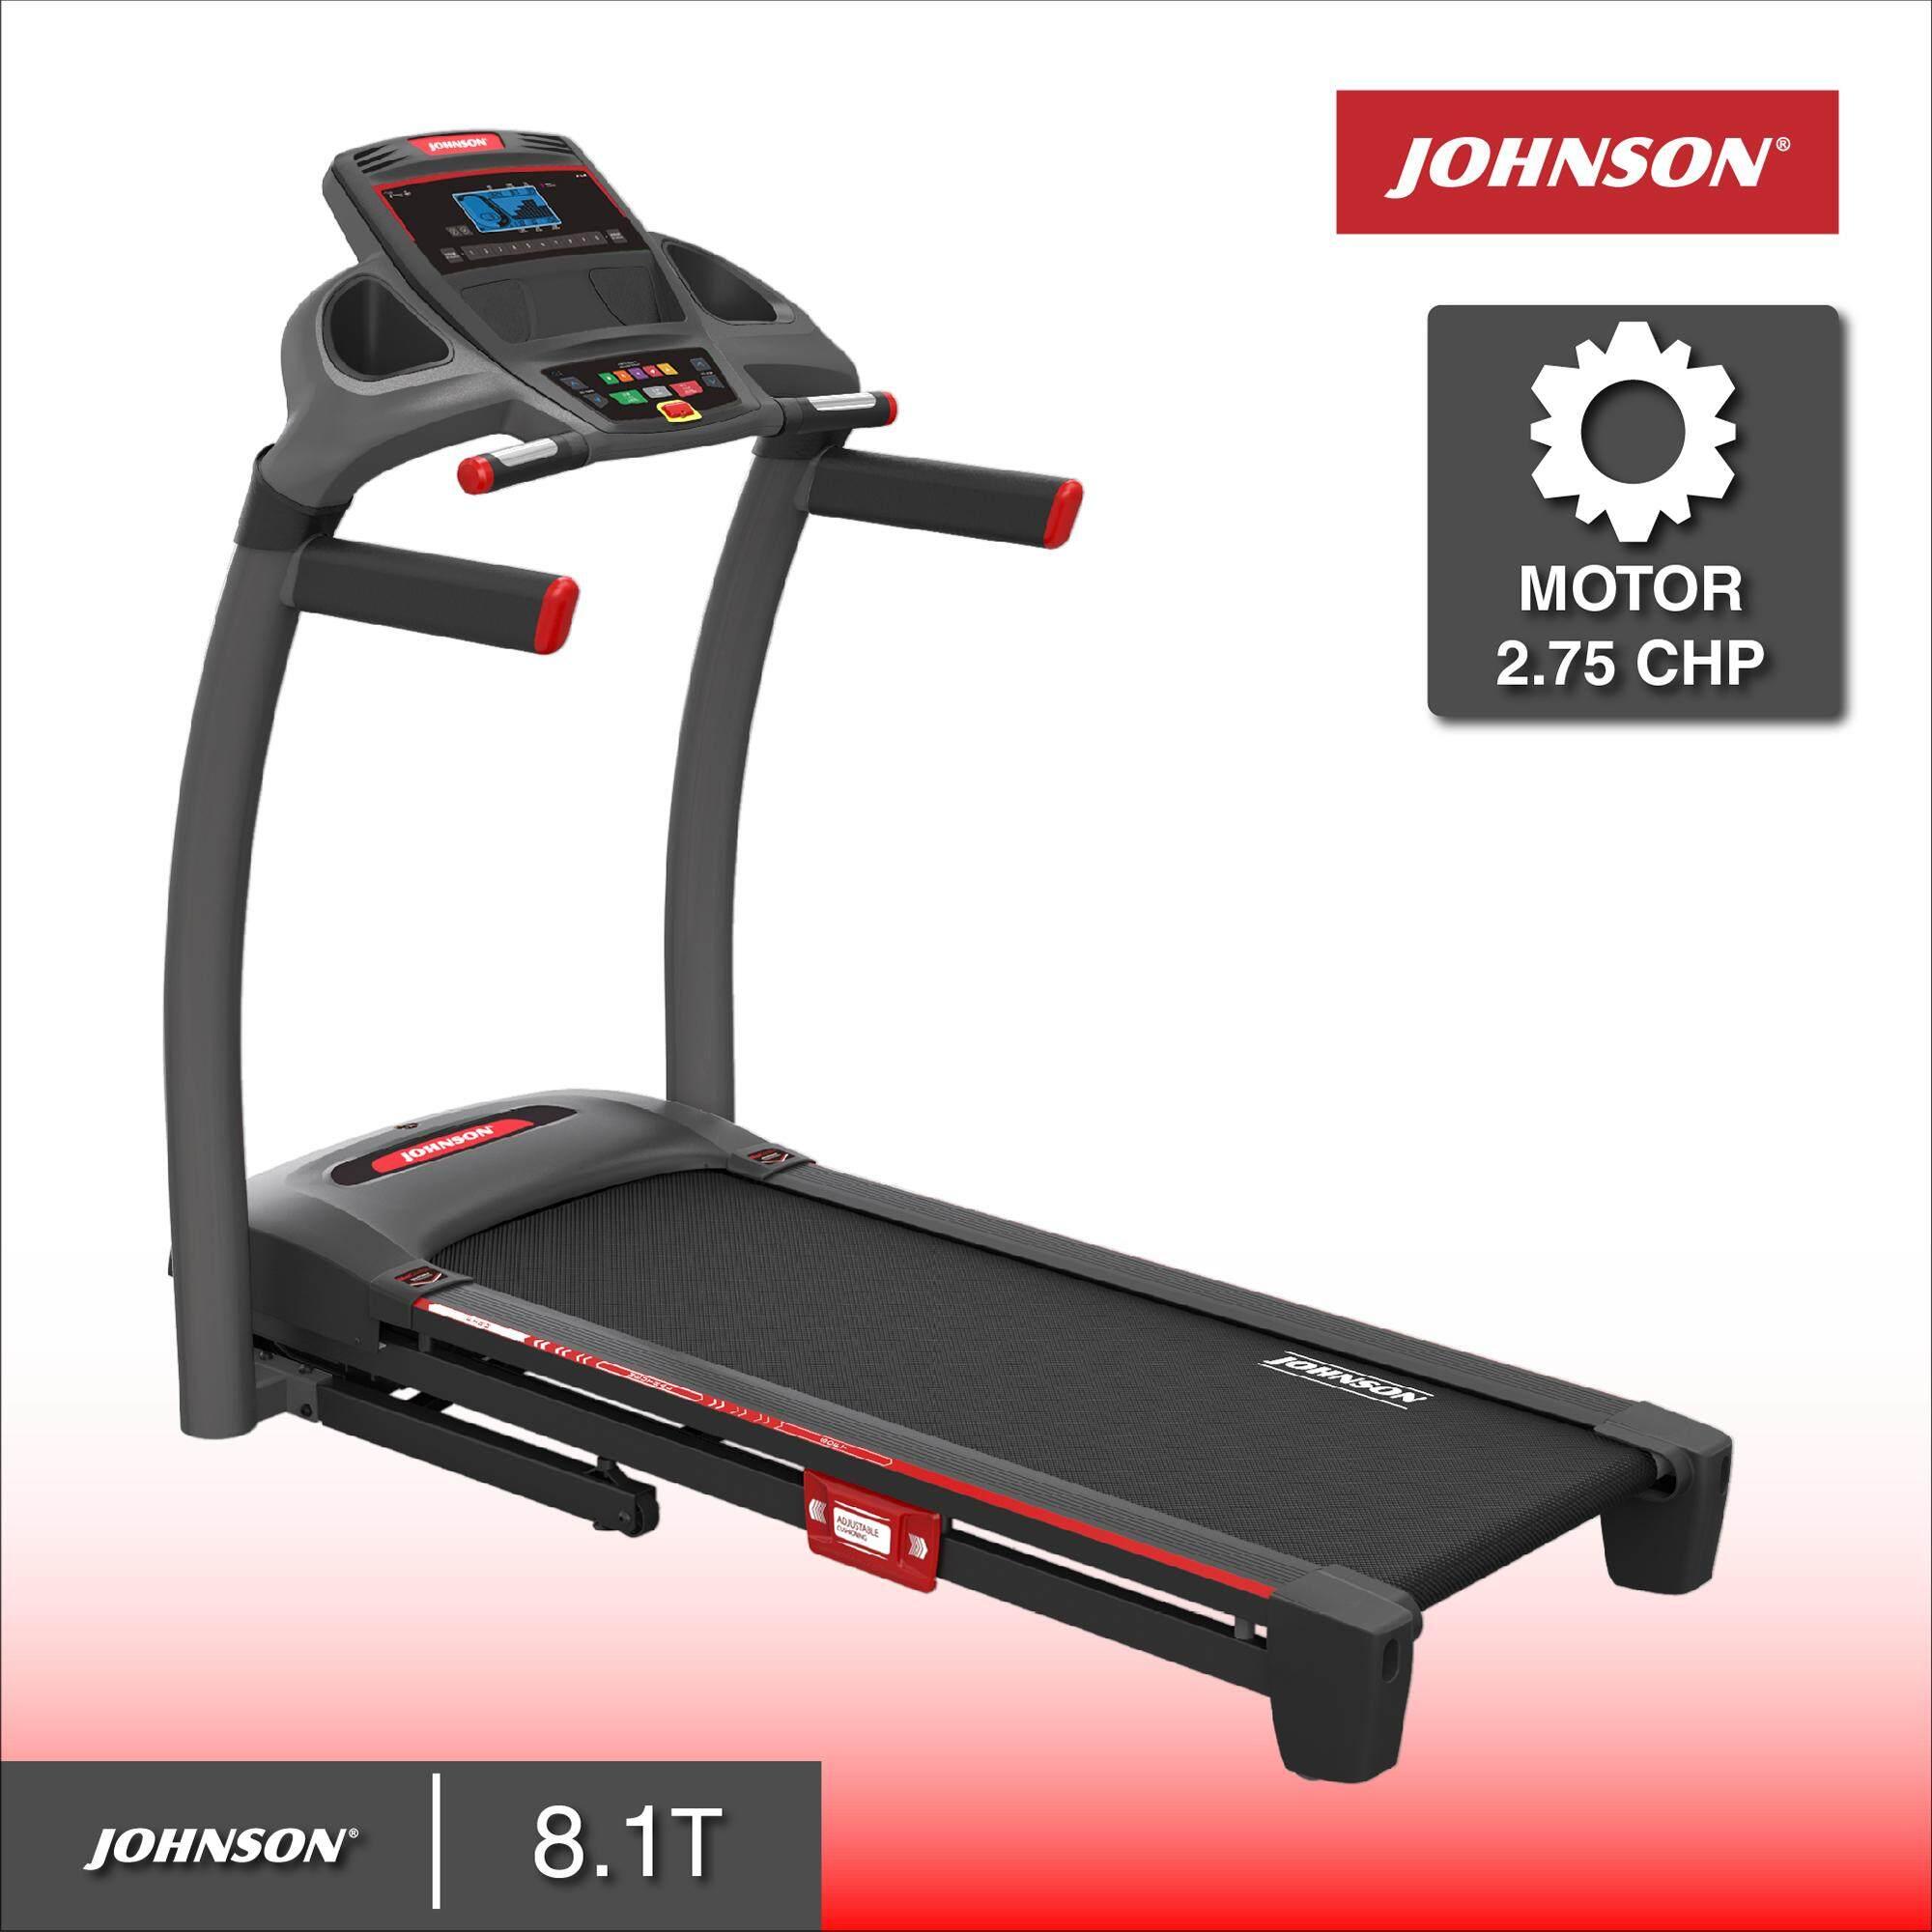 แนะนำ ลู่วิ่ง Johnson รุ่น Johnson Health Tech-JTM0114-18(1) เครื่องออกกำลังกาย รับคูปองส่วนลด -36% แนะนำเลยดีจริง